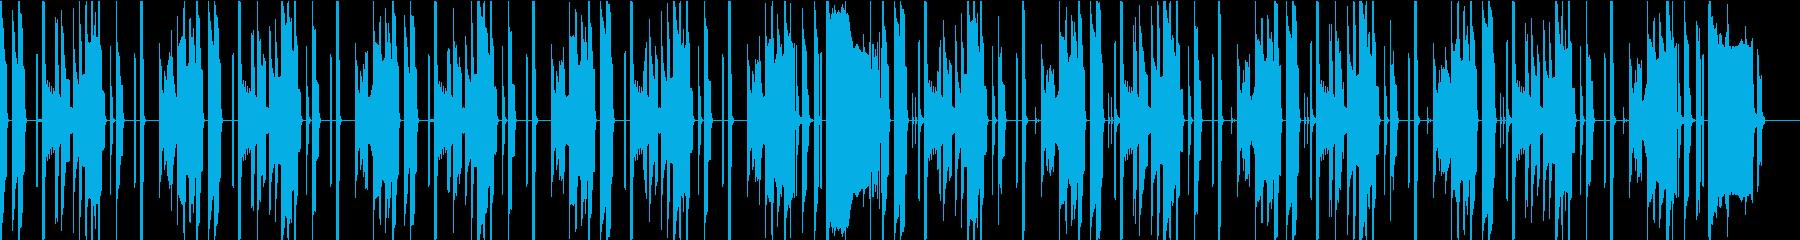 会話シーン・ほのぼの・日常・アニメの再生済みの波形